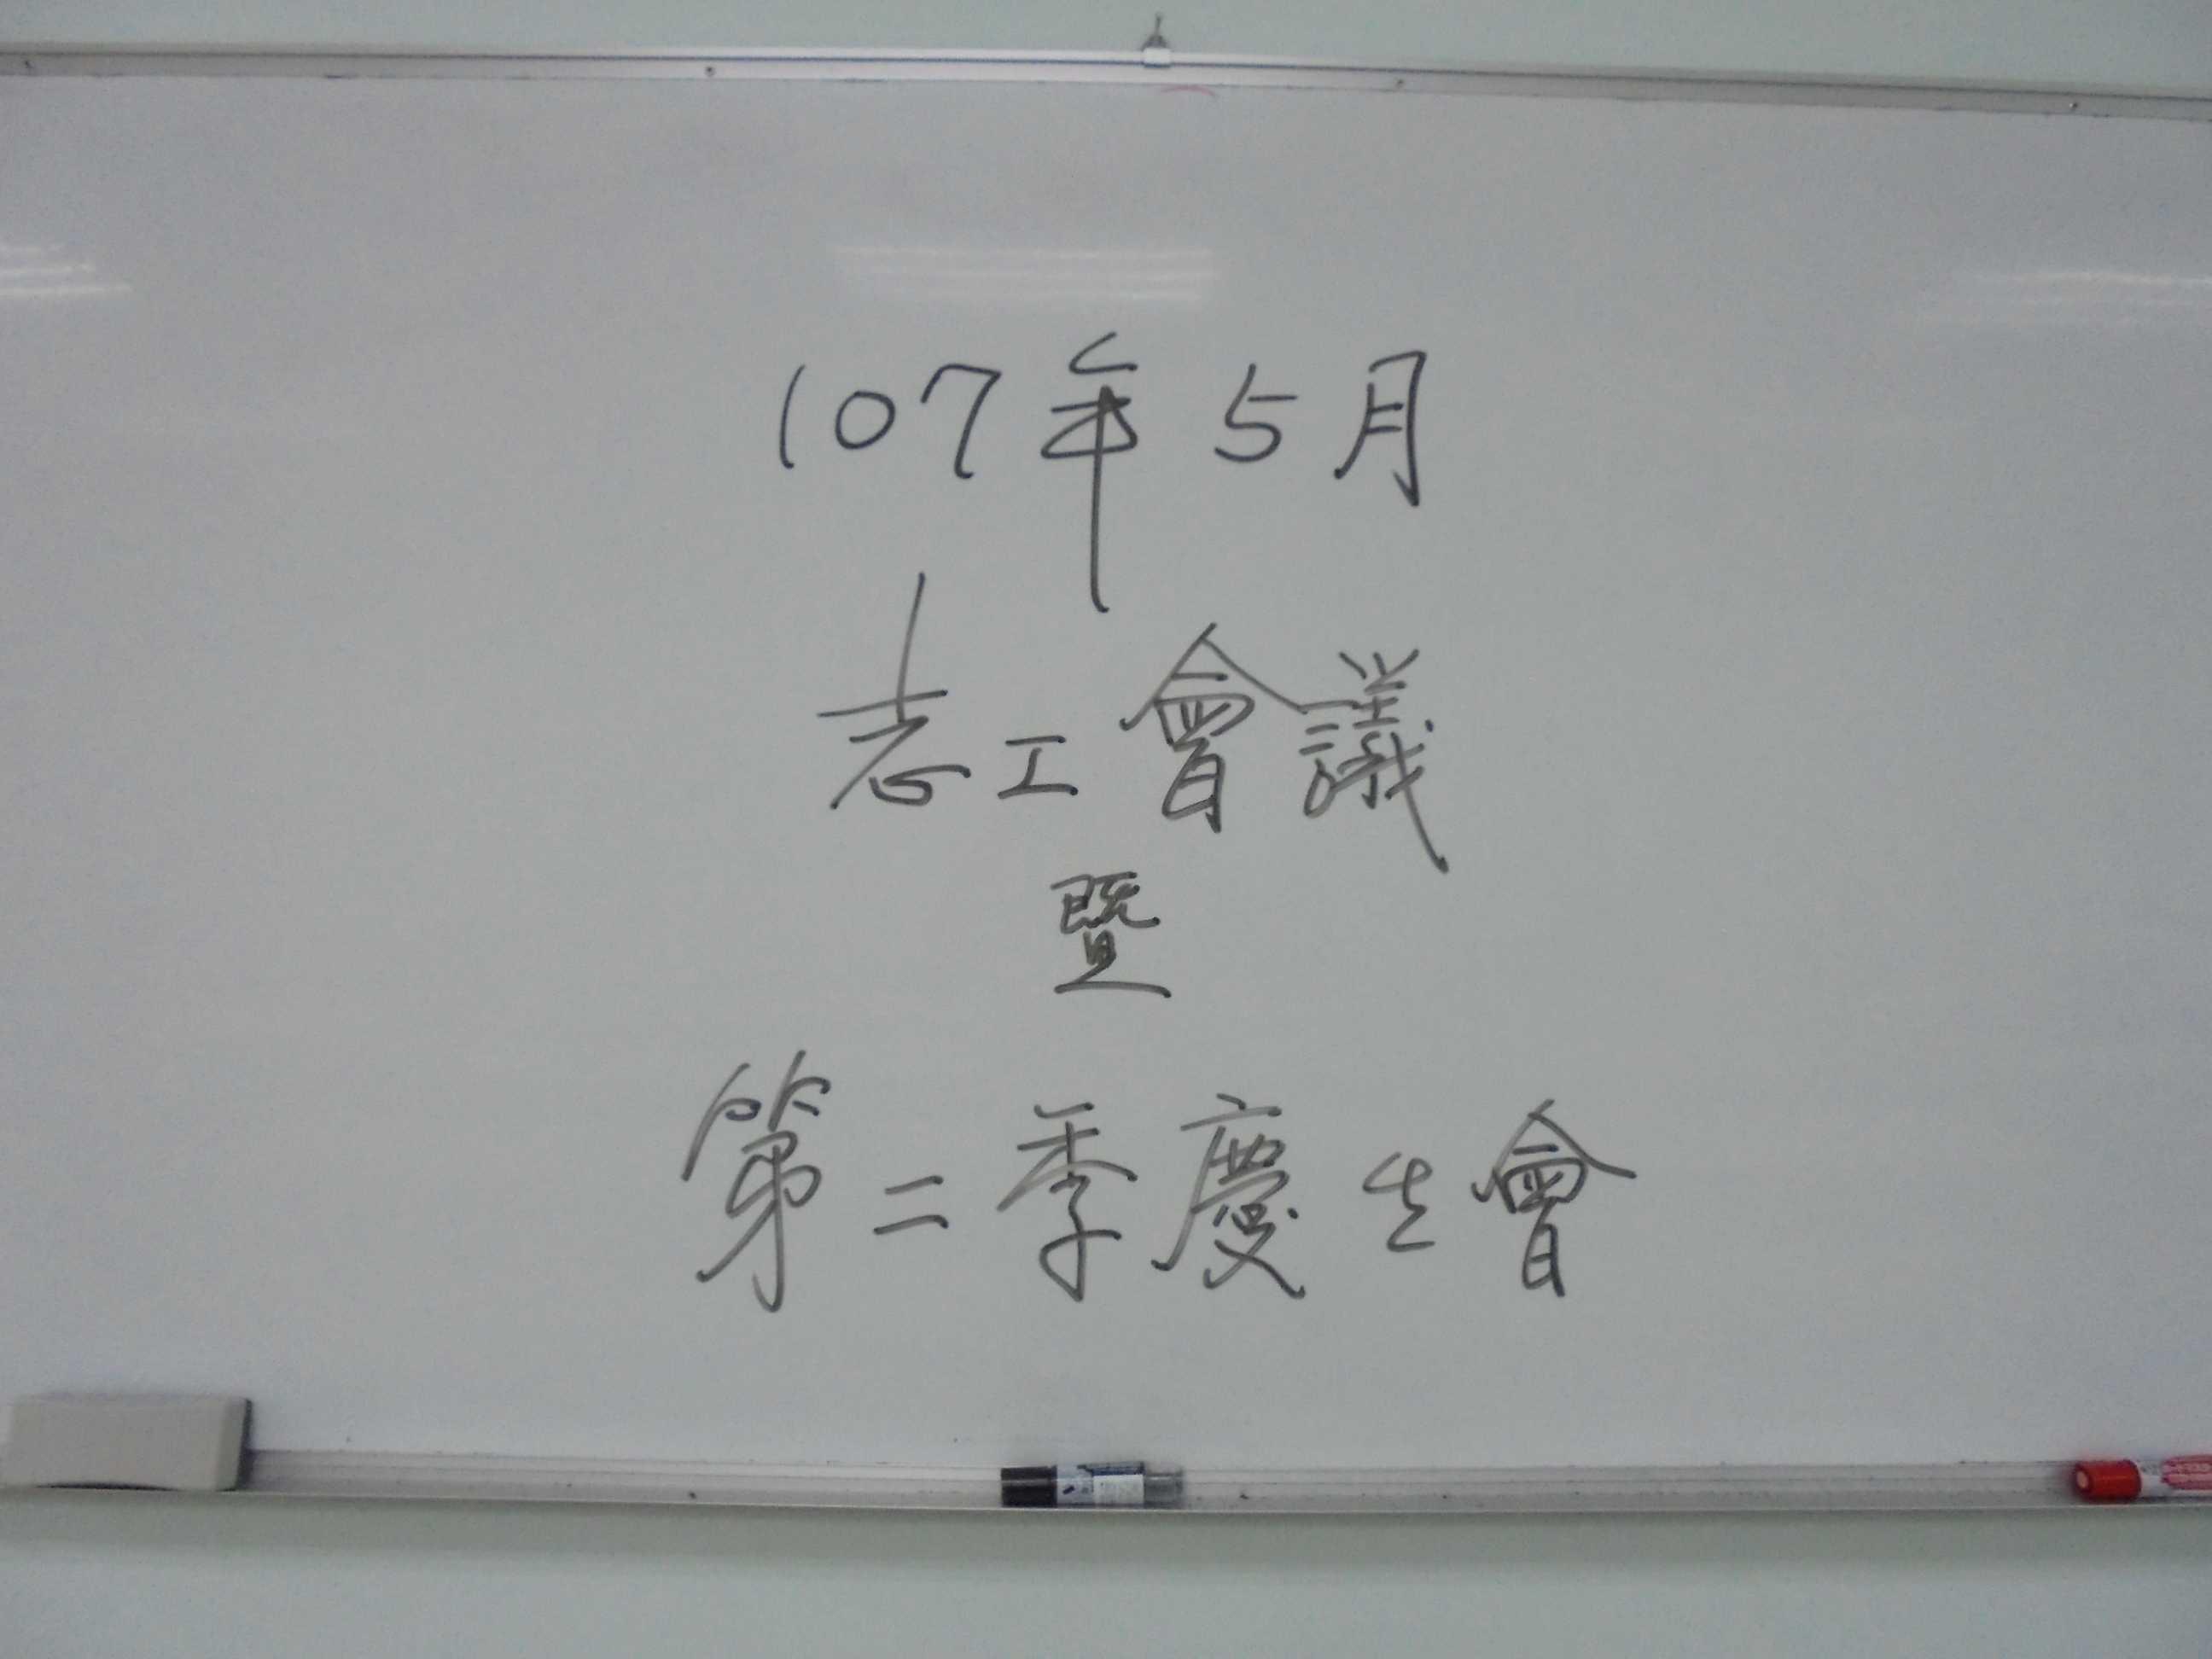 高雄市鳳山老人活動中心107年5月份志工月會暨4~5月份慶生